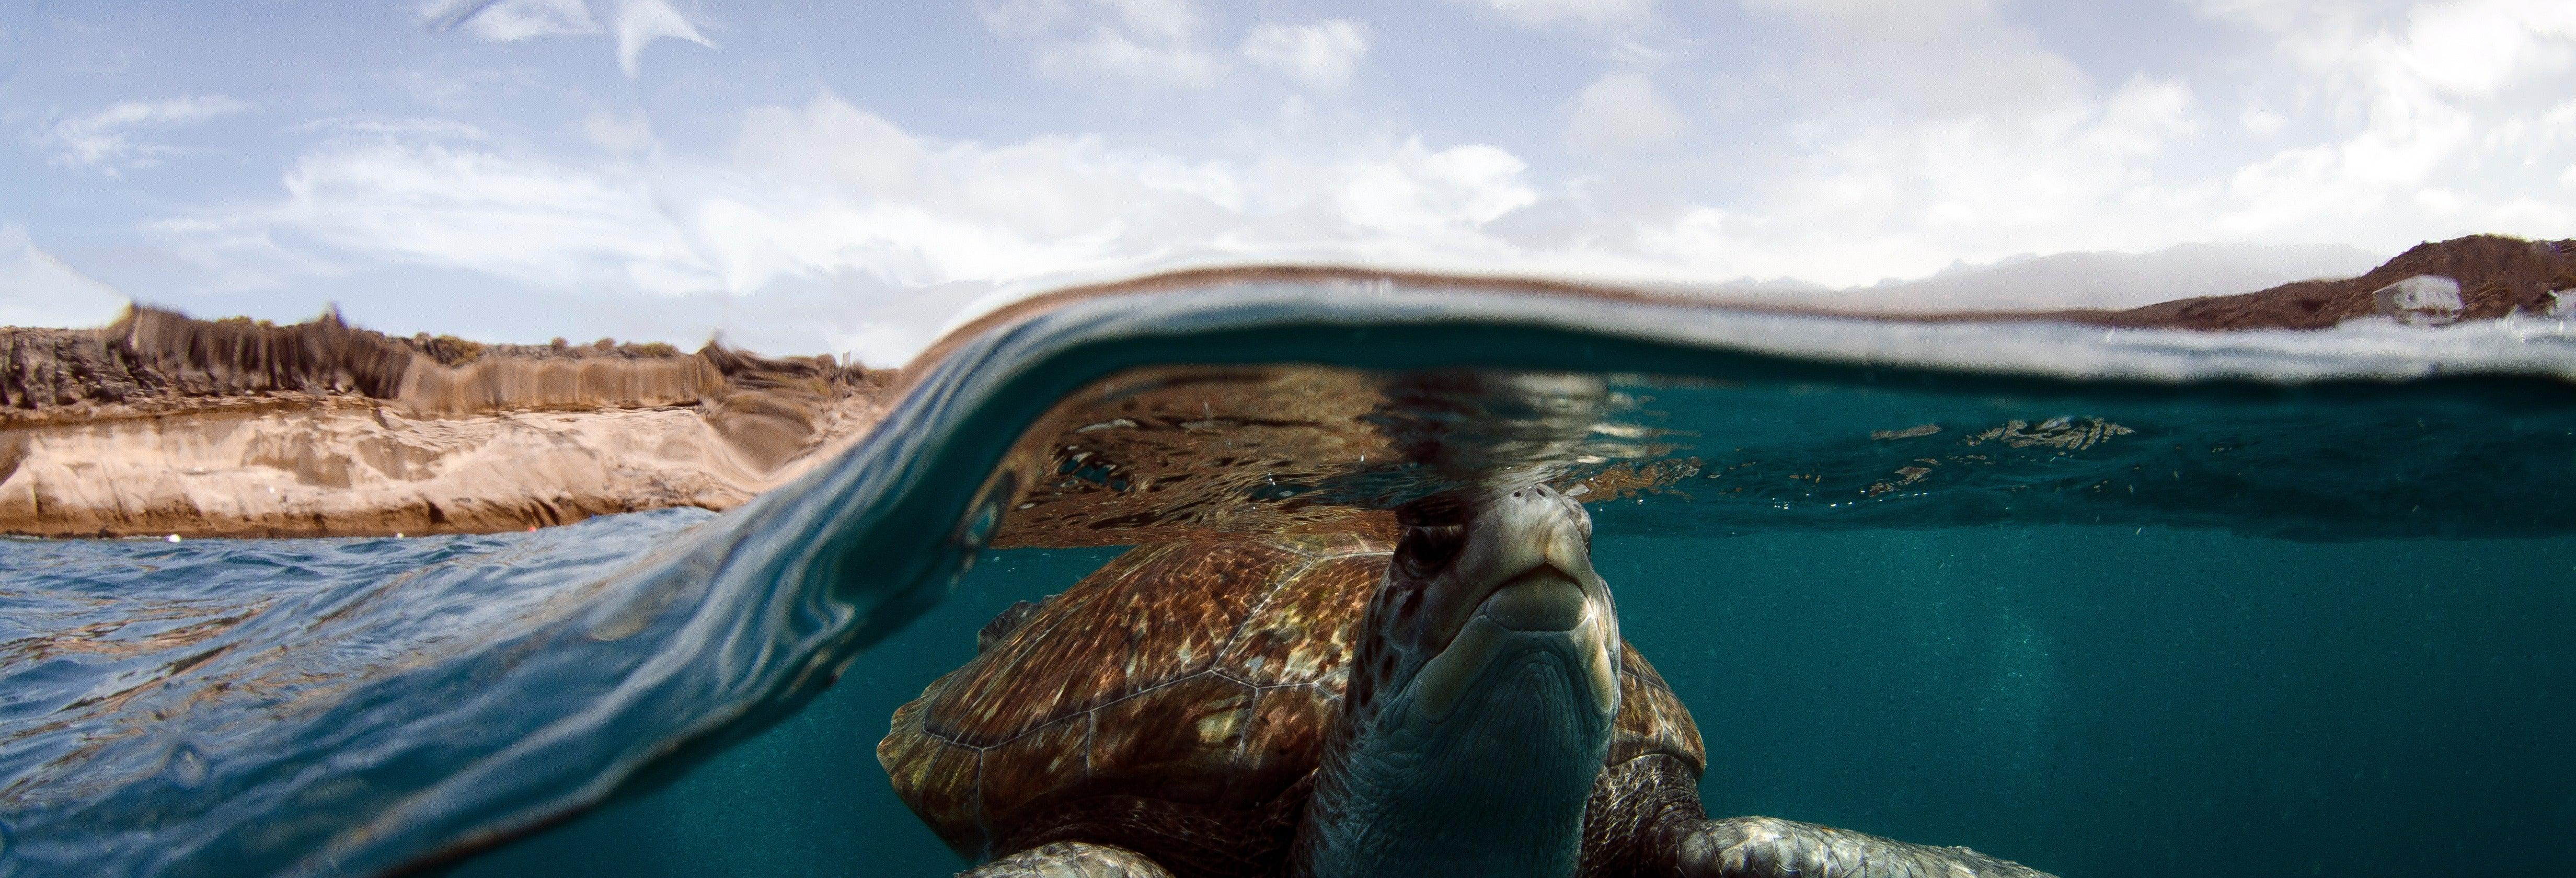 Snorkel con avistamiento de tortugas en Tenerife